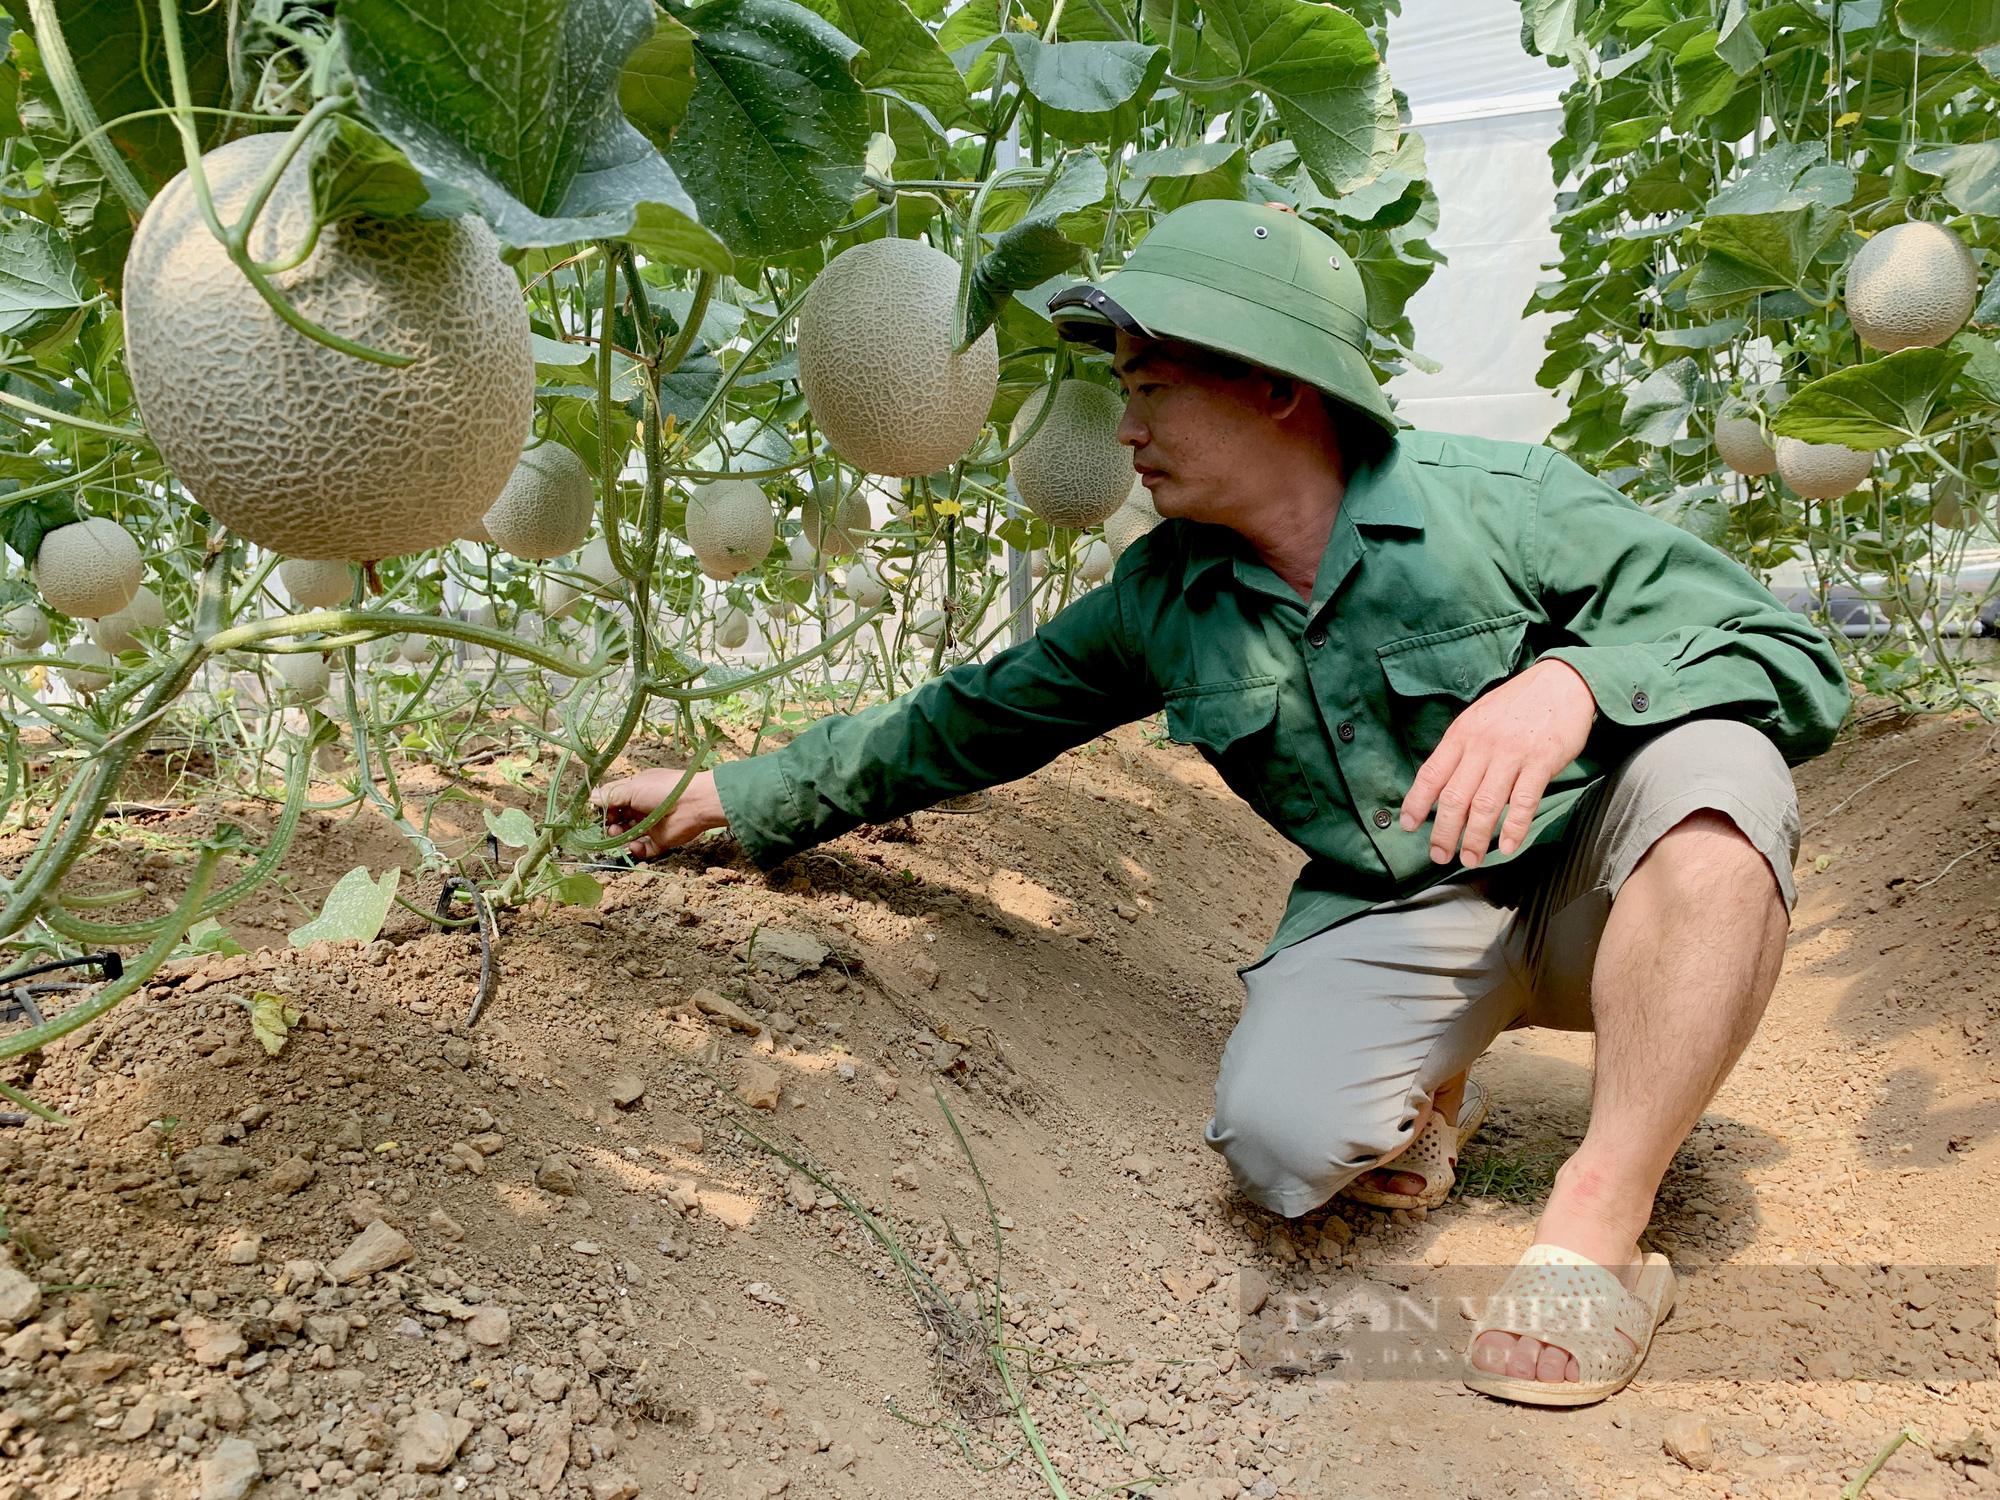 Anh nông dân người Tày Bắc Kạn trồng thứ quả nhìn thôi đã muốn hái - Ảnh 5.